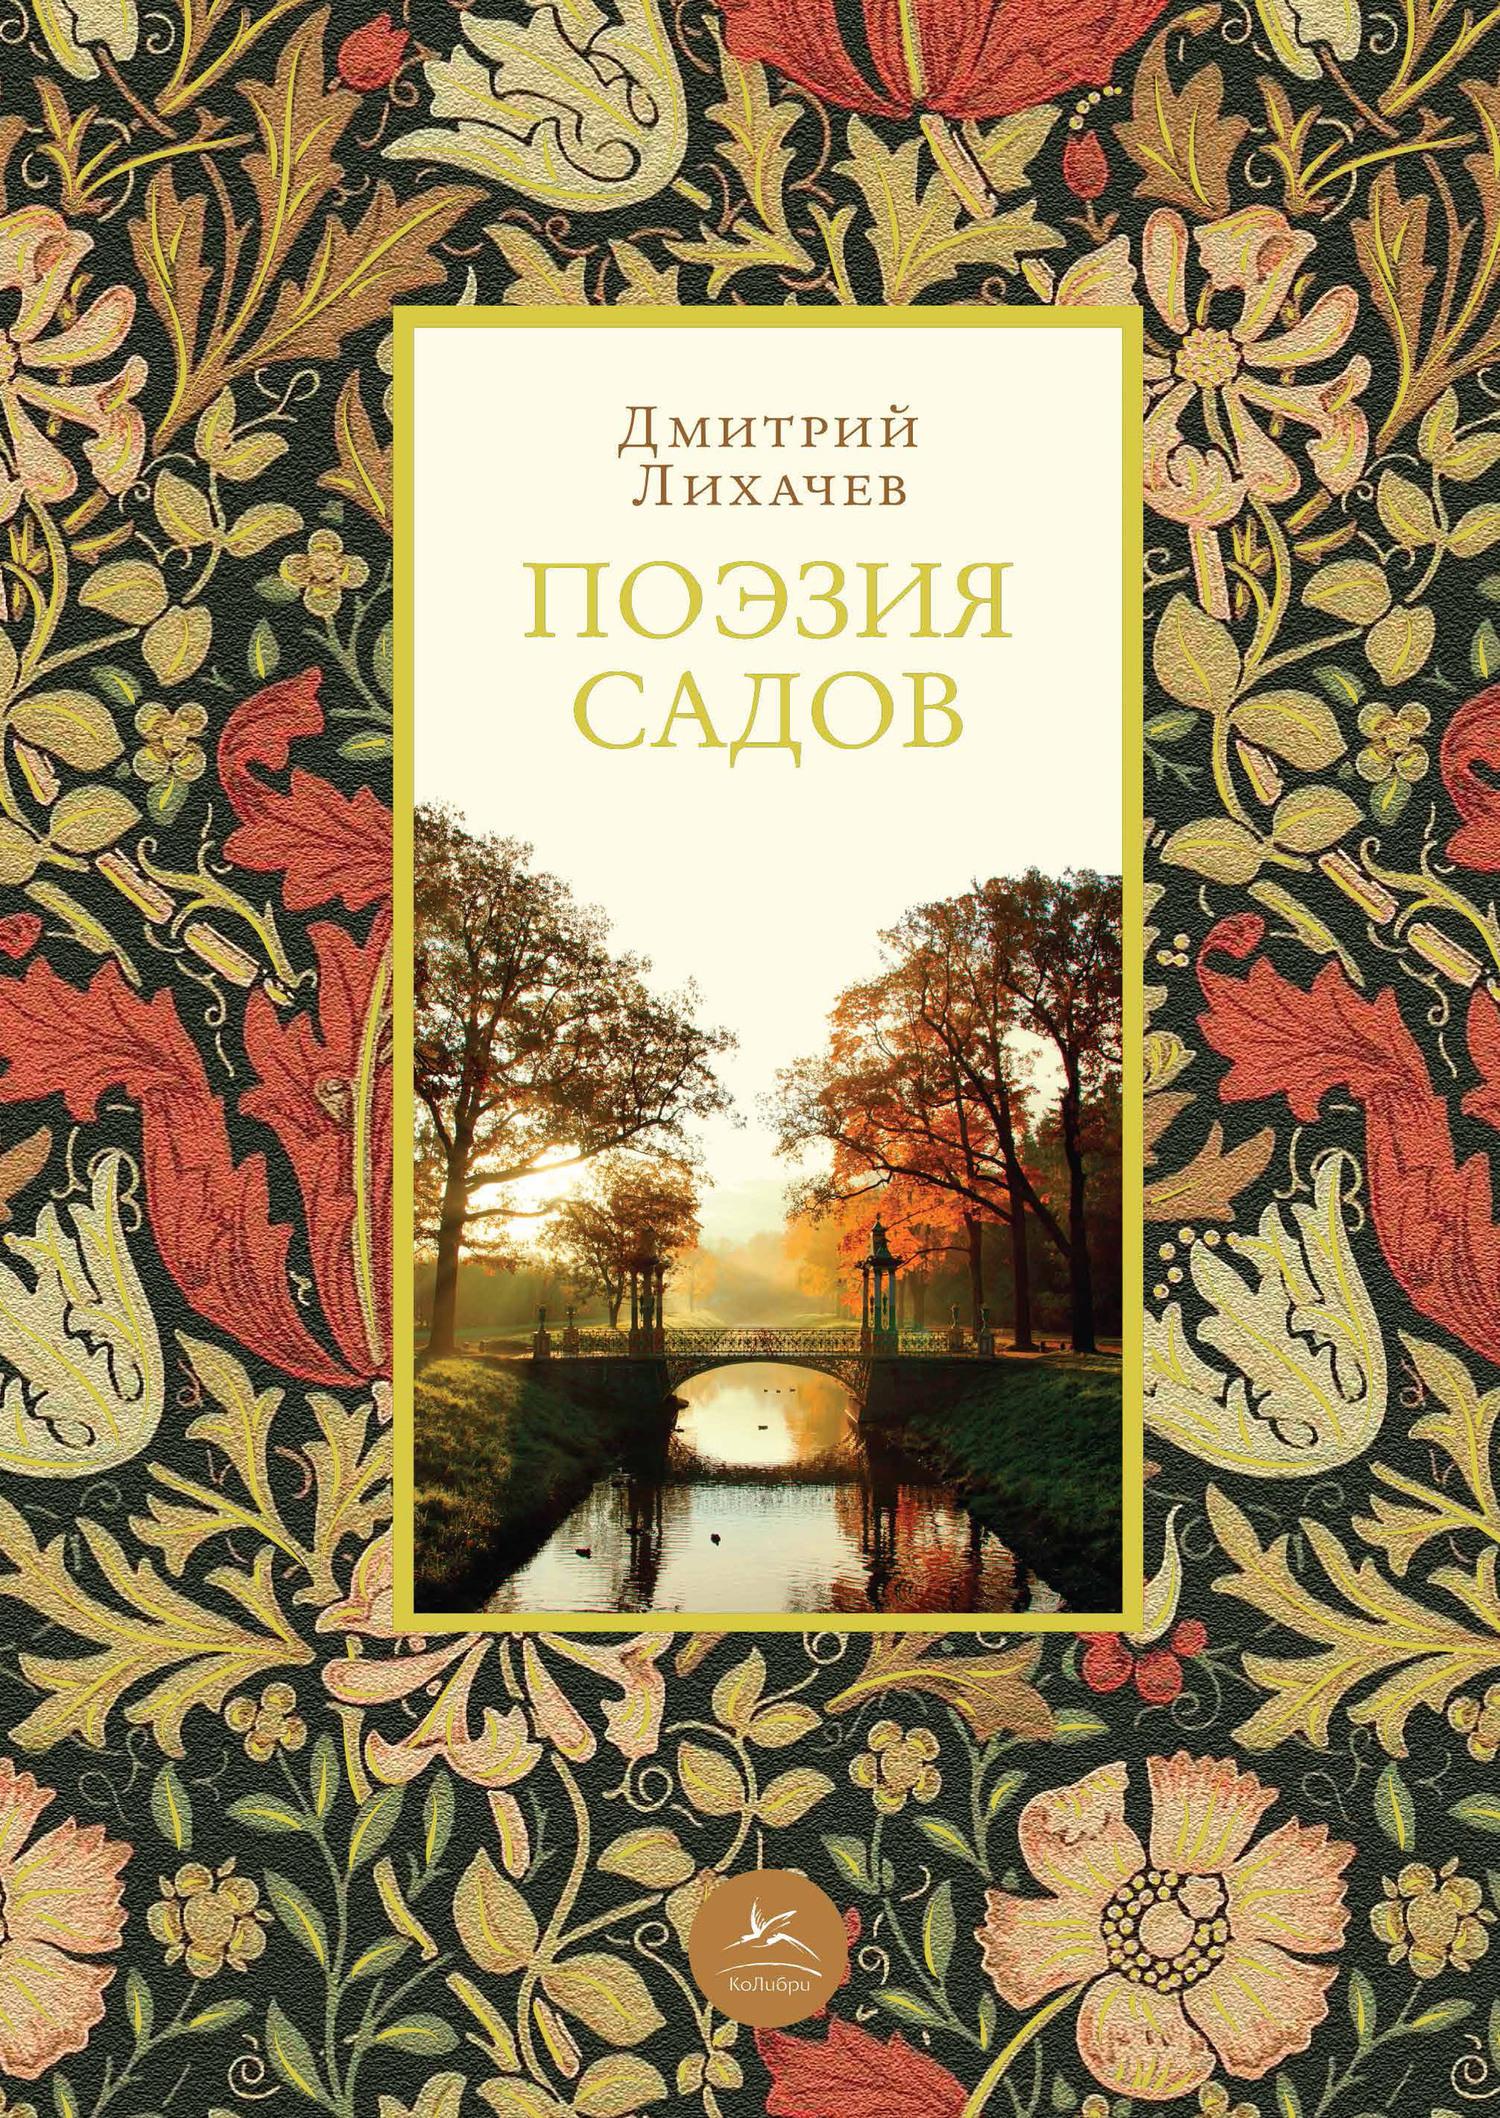 Дмитрий Лихачев Поэзия садов лихачев д воспоминания